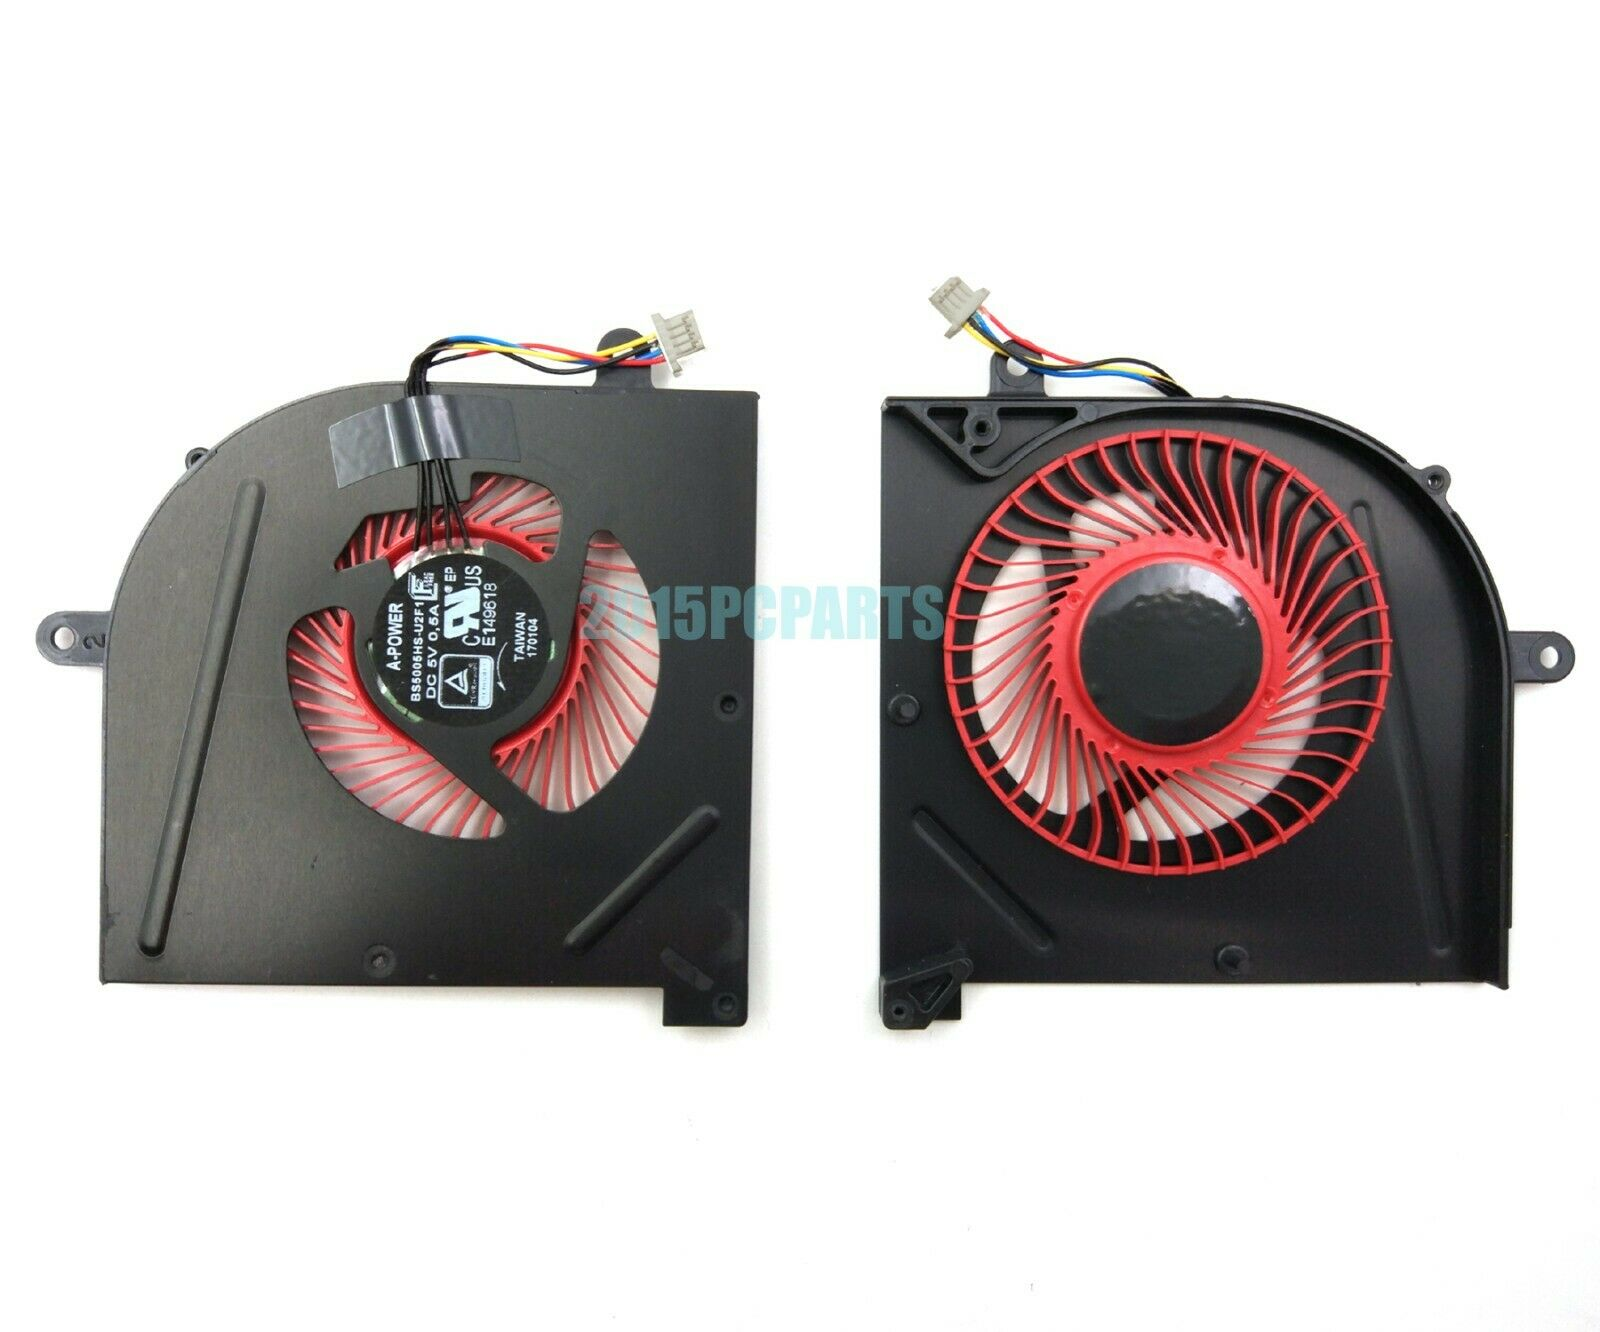 QUETTERLEE Replacement GPU Cooling Fan Compatible MSI GS63 GS63VR GS73 GS73VR GS62 MS-17B1 MS-17B2 MS-16K2 MS-16K3 Stealth Pro BS5005HS-U2L1 Fan